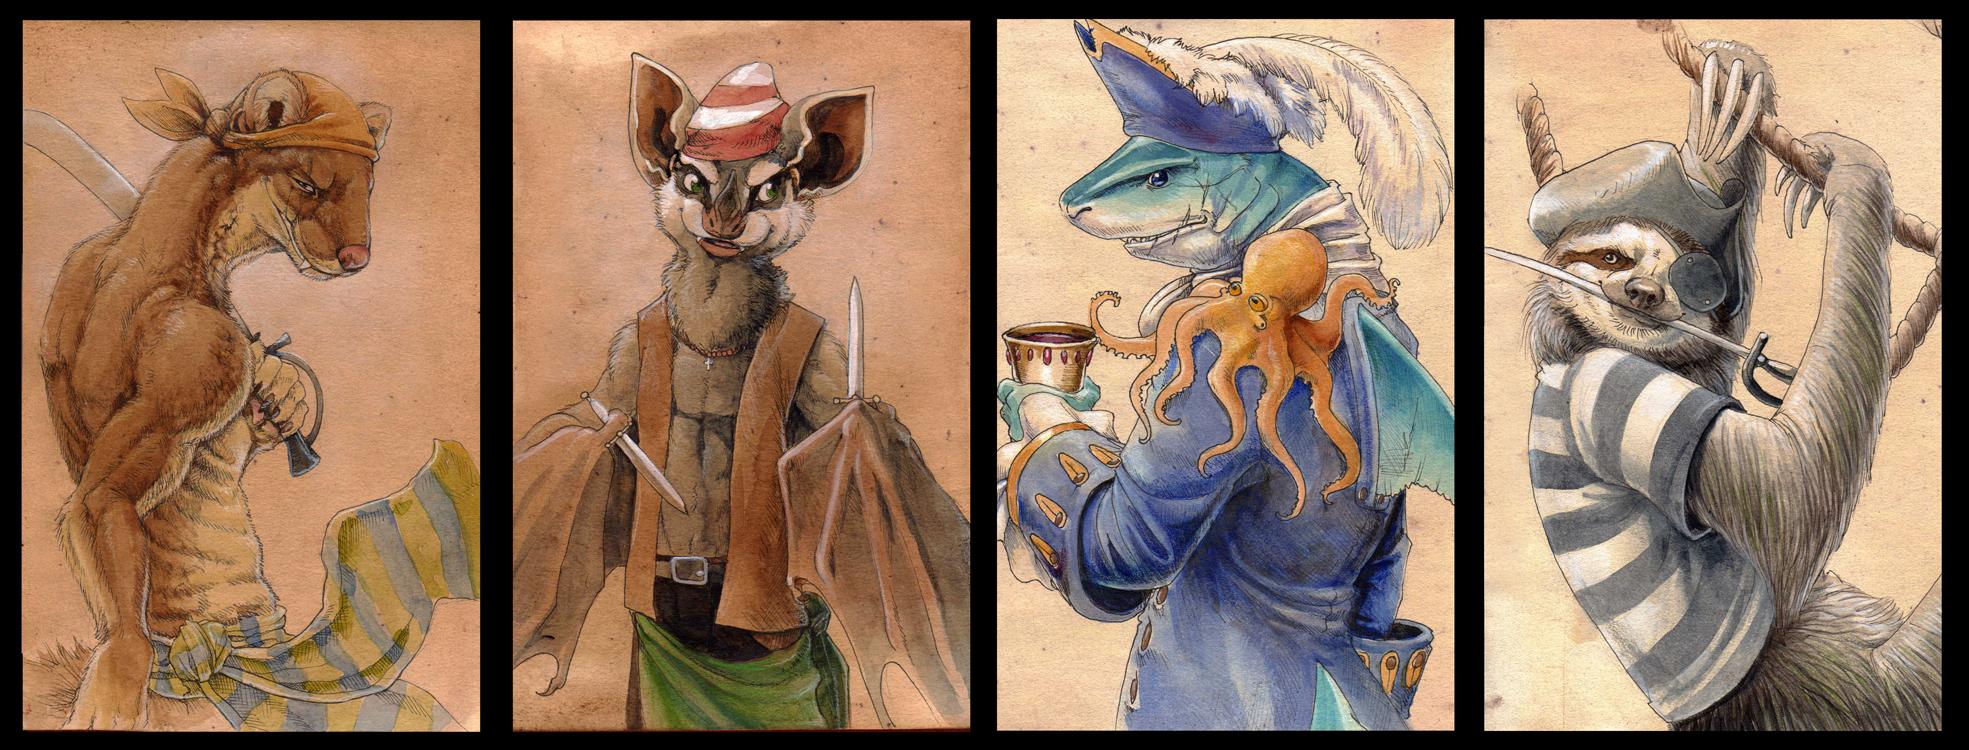 Фурри и осьминог 9 фотография